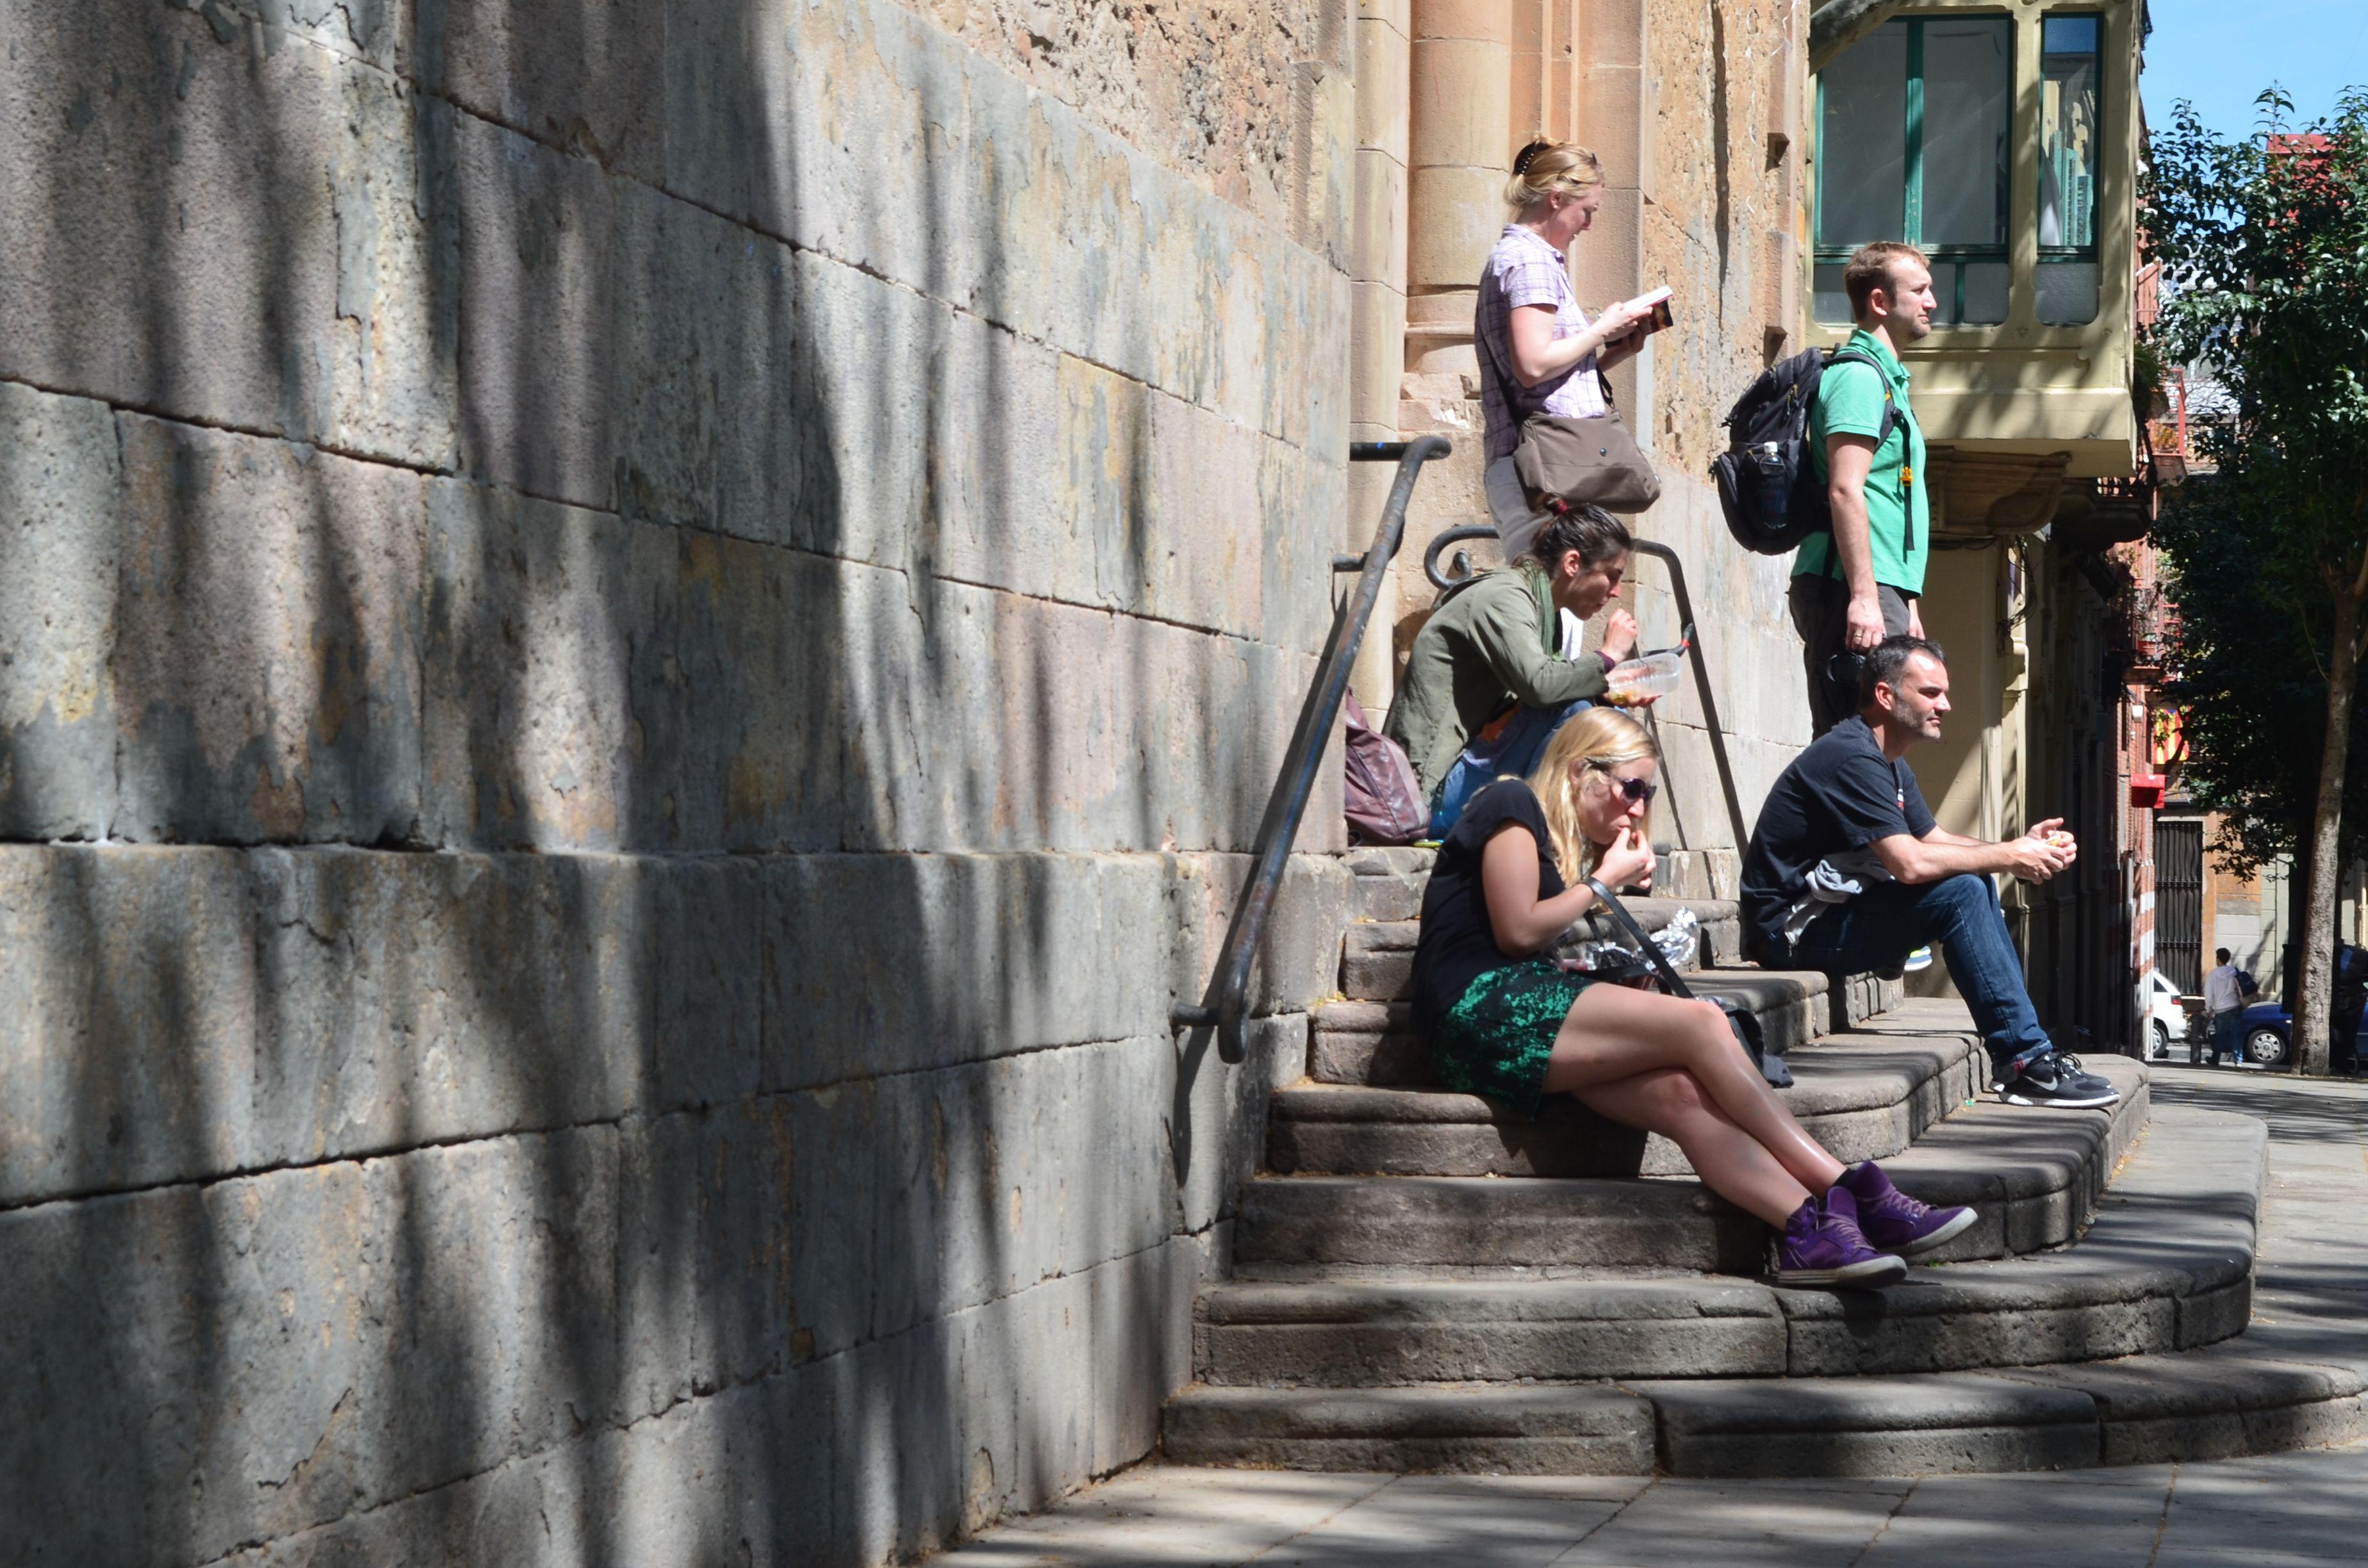 La escalinata de la iglesia + el unico rincón de sol, no tienen comparacion.  MULTIESPACIO!!